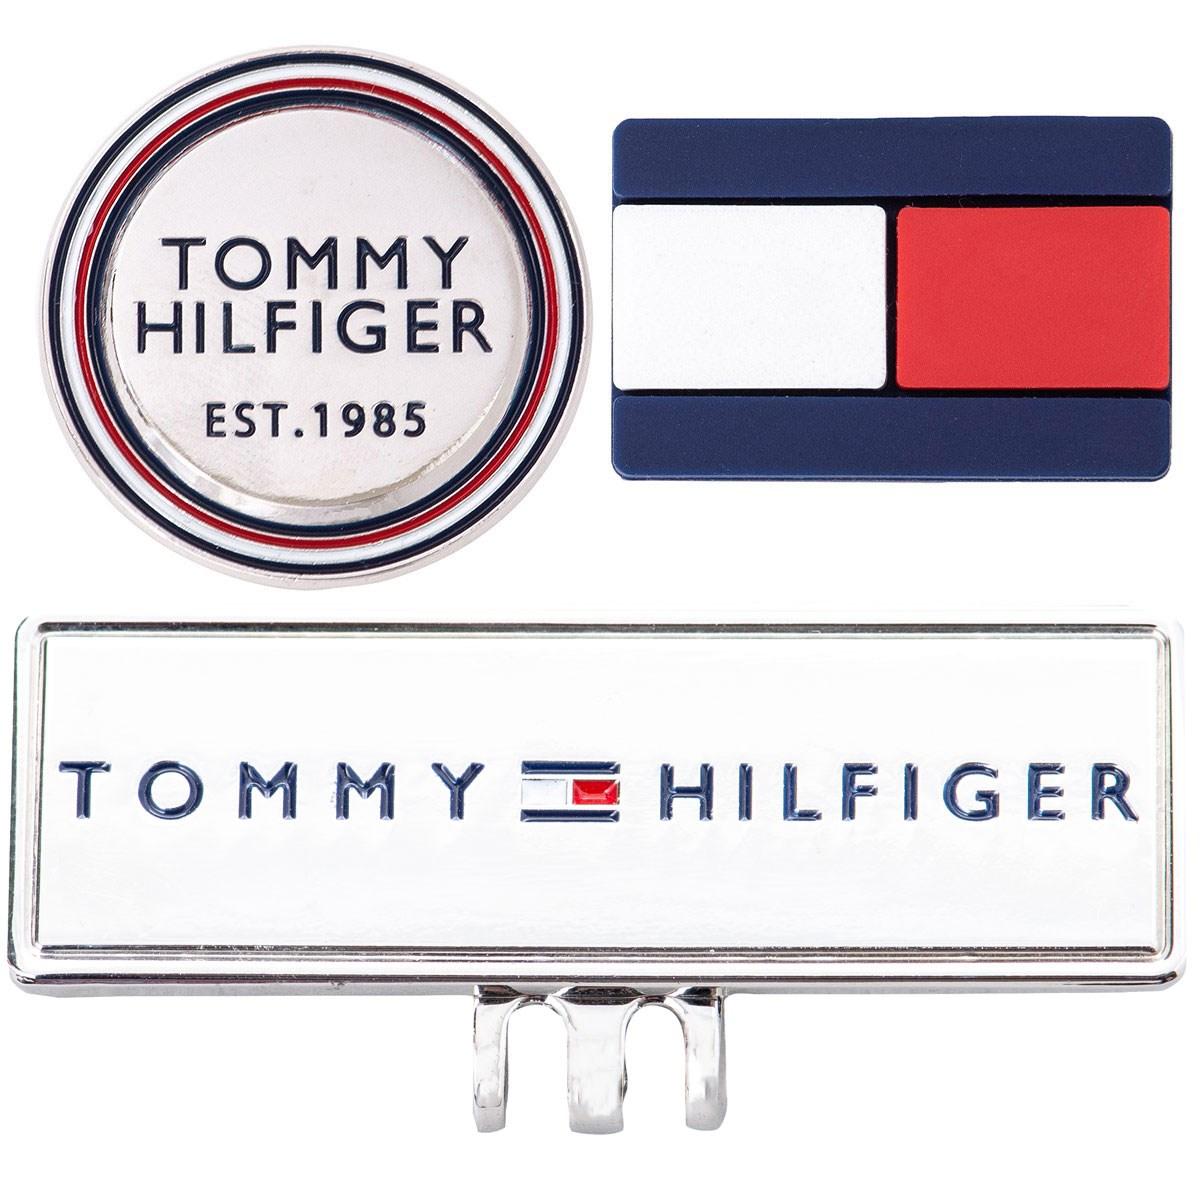 トミーヒルフィガー(Tommy Hilfiger) マーカーセット